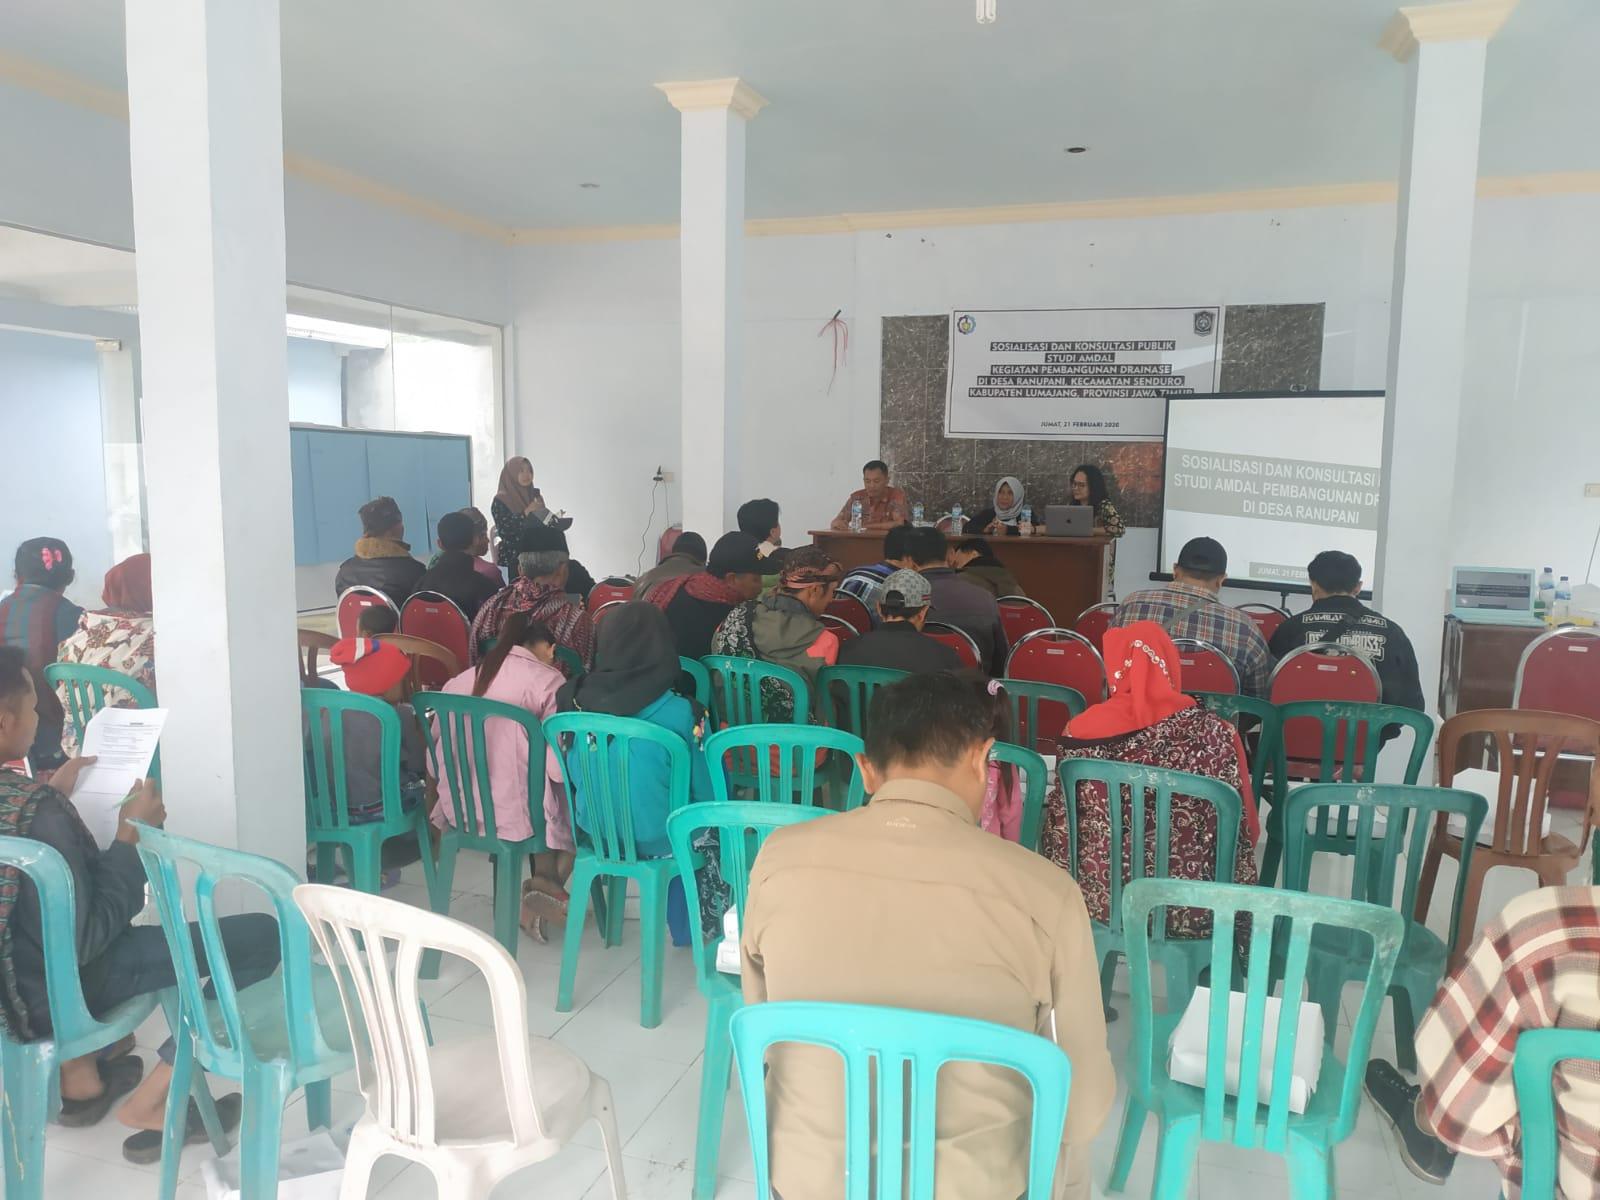 Sosialisasi dan Konsultasi Publik Studi Amdal Kegiatan Pembangunan Drainase di Desa Ranupani